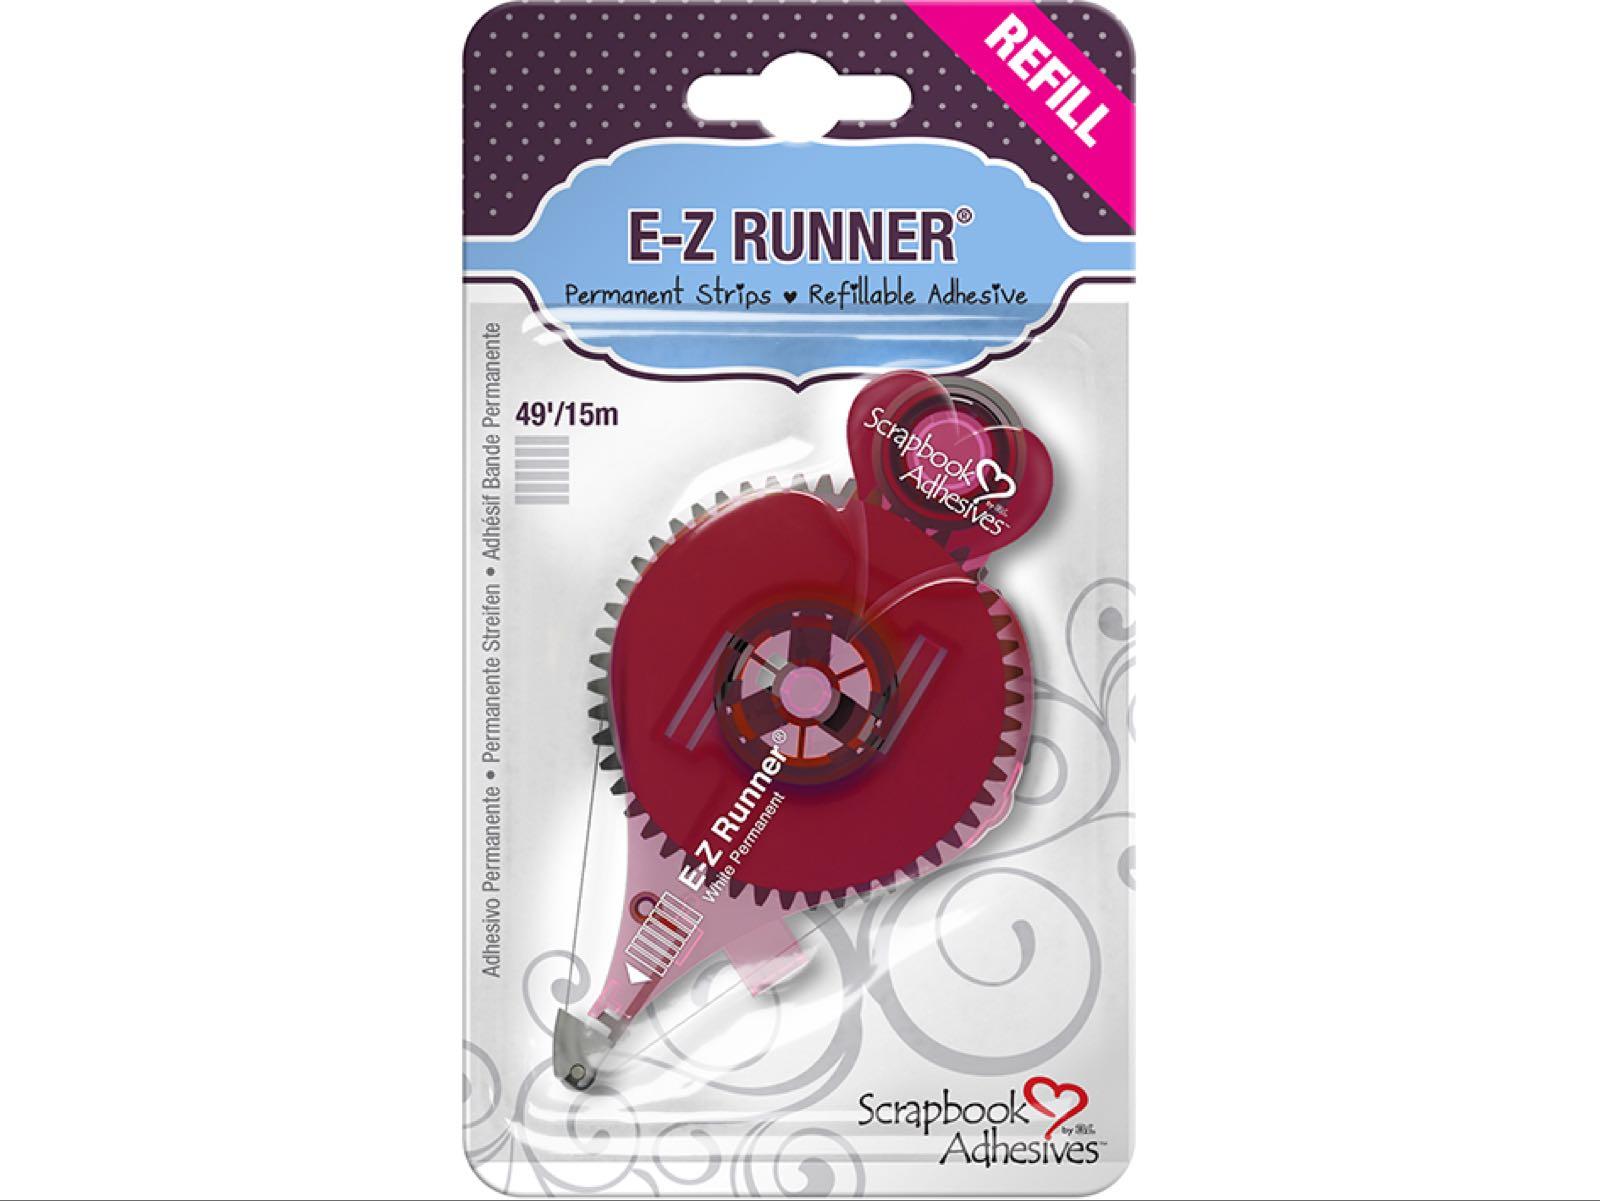 E-Z runner strips refill, permanent adhesive